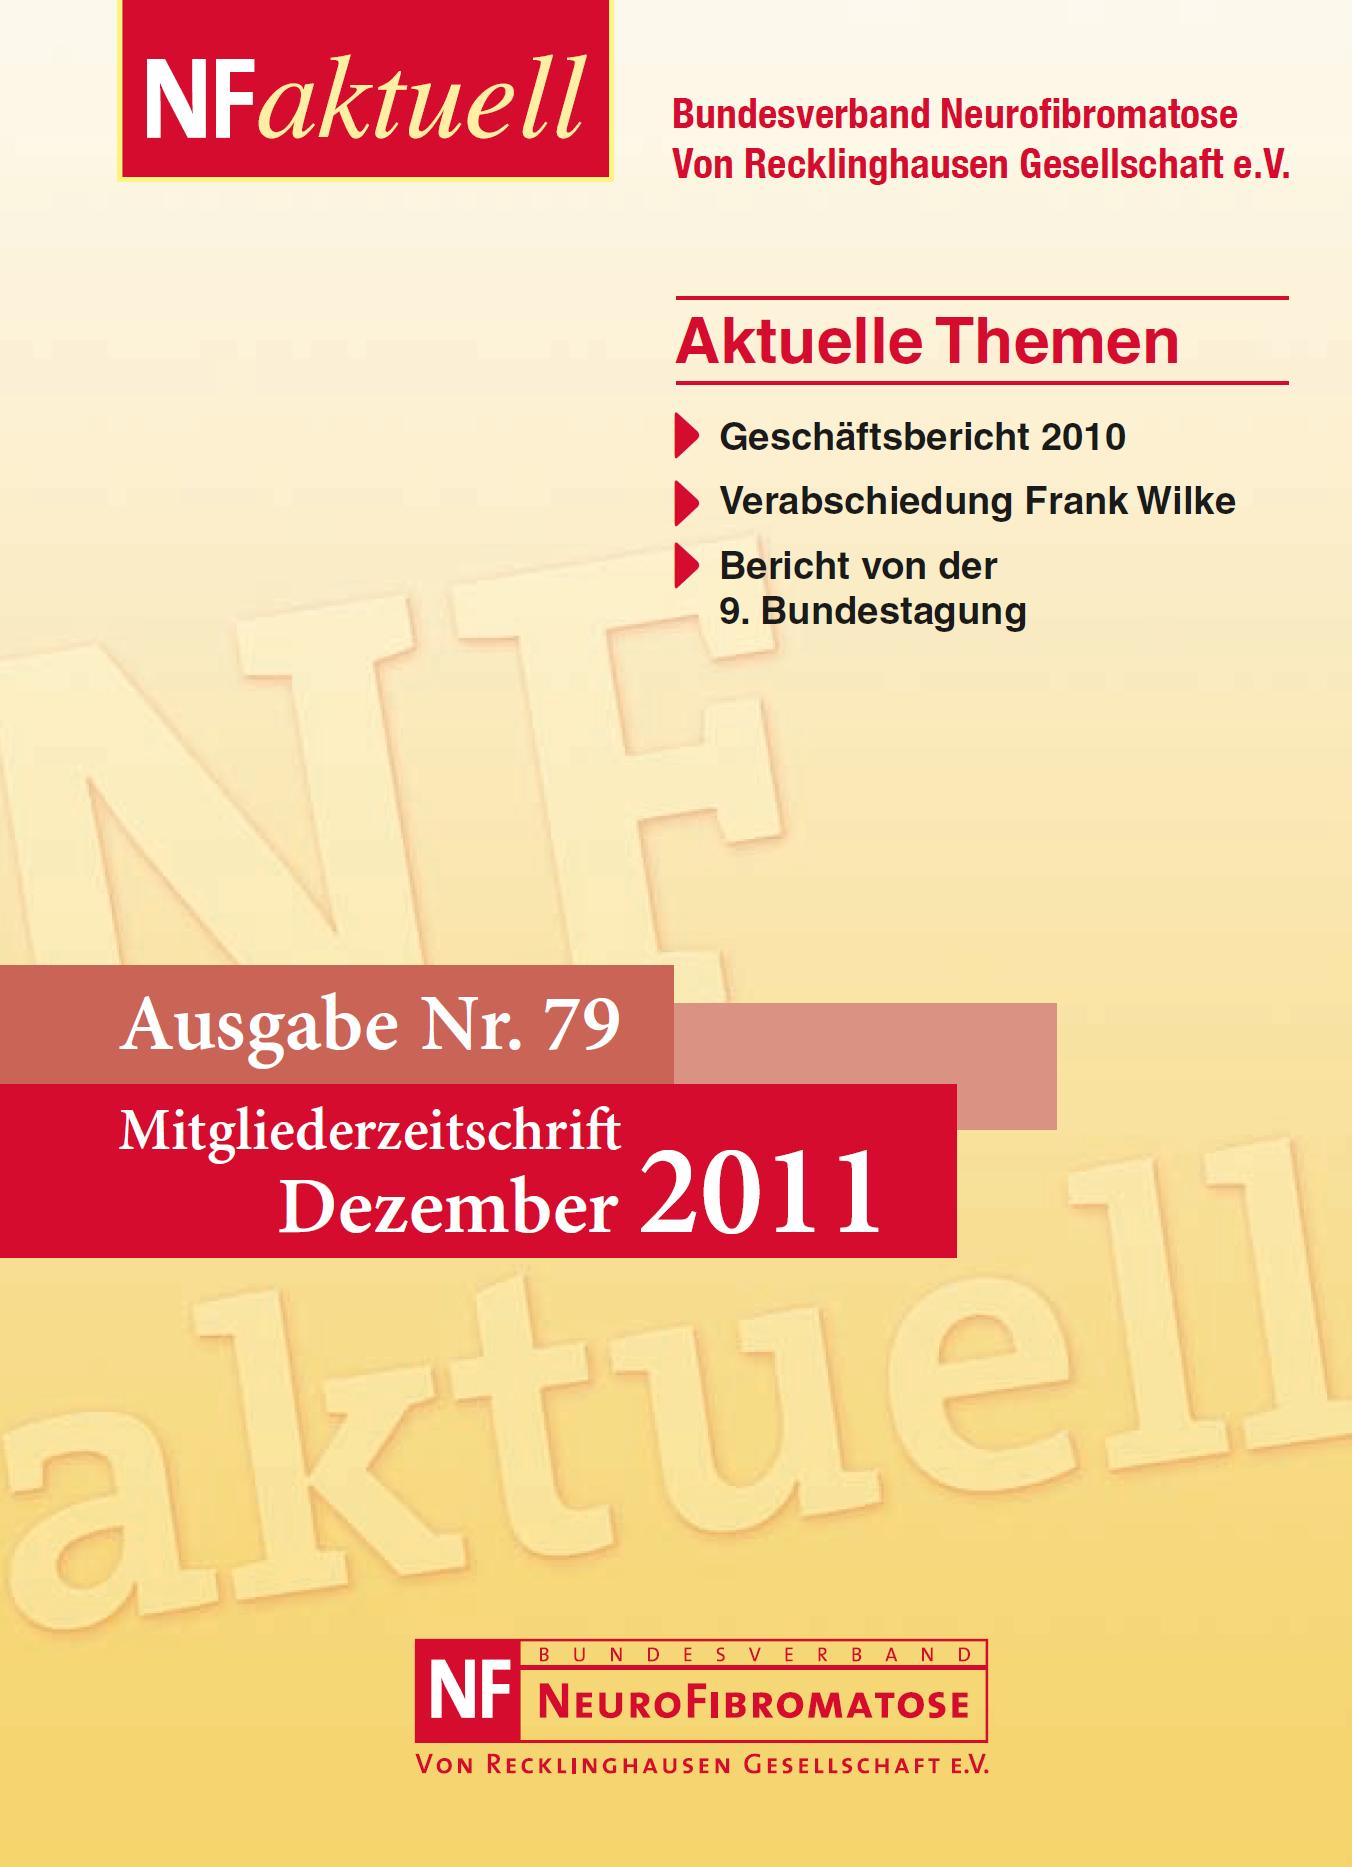 NFaktuell-79-dezember-2011-titel